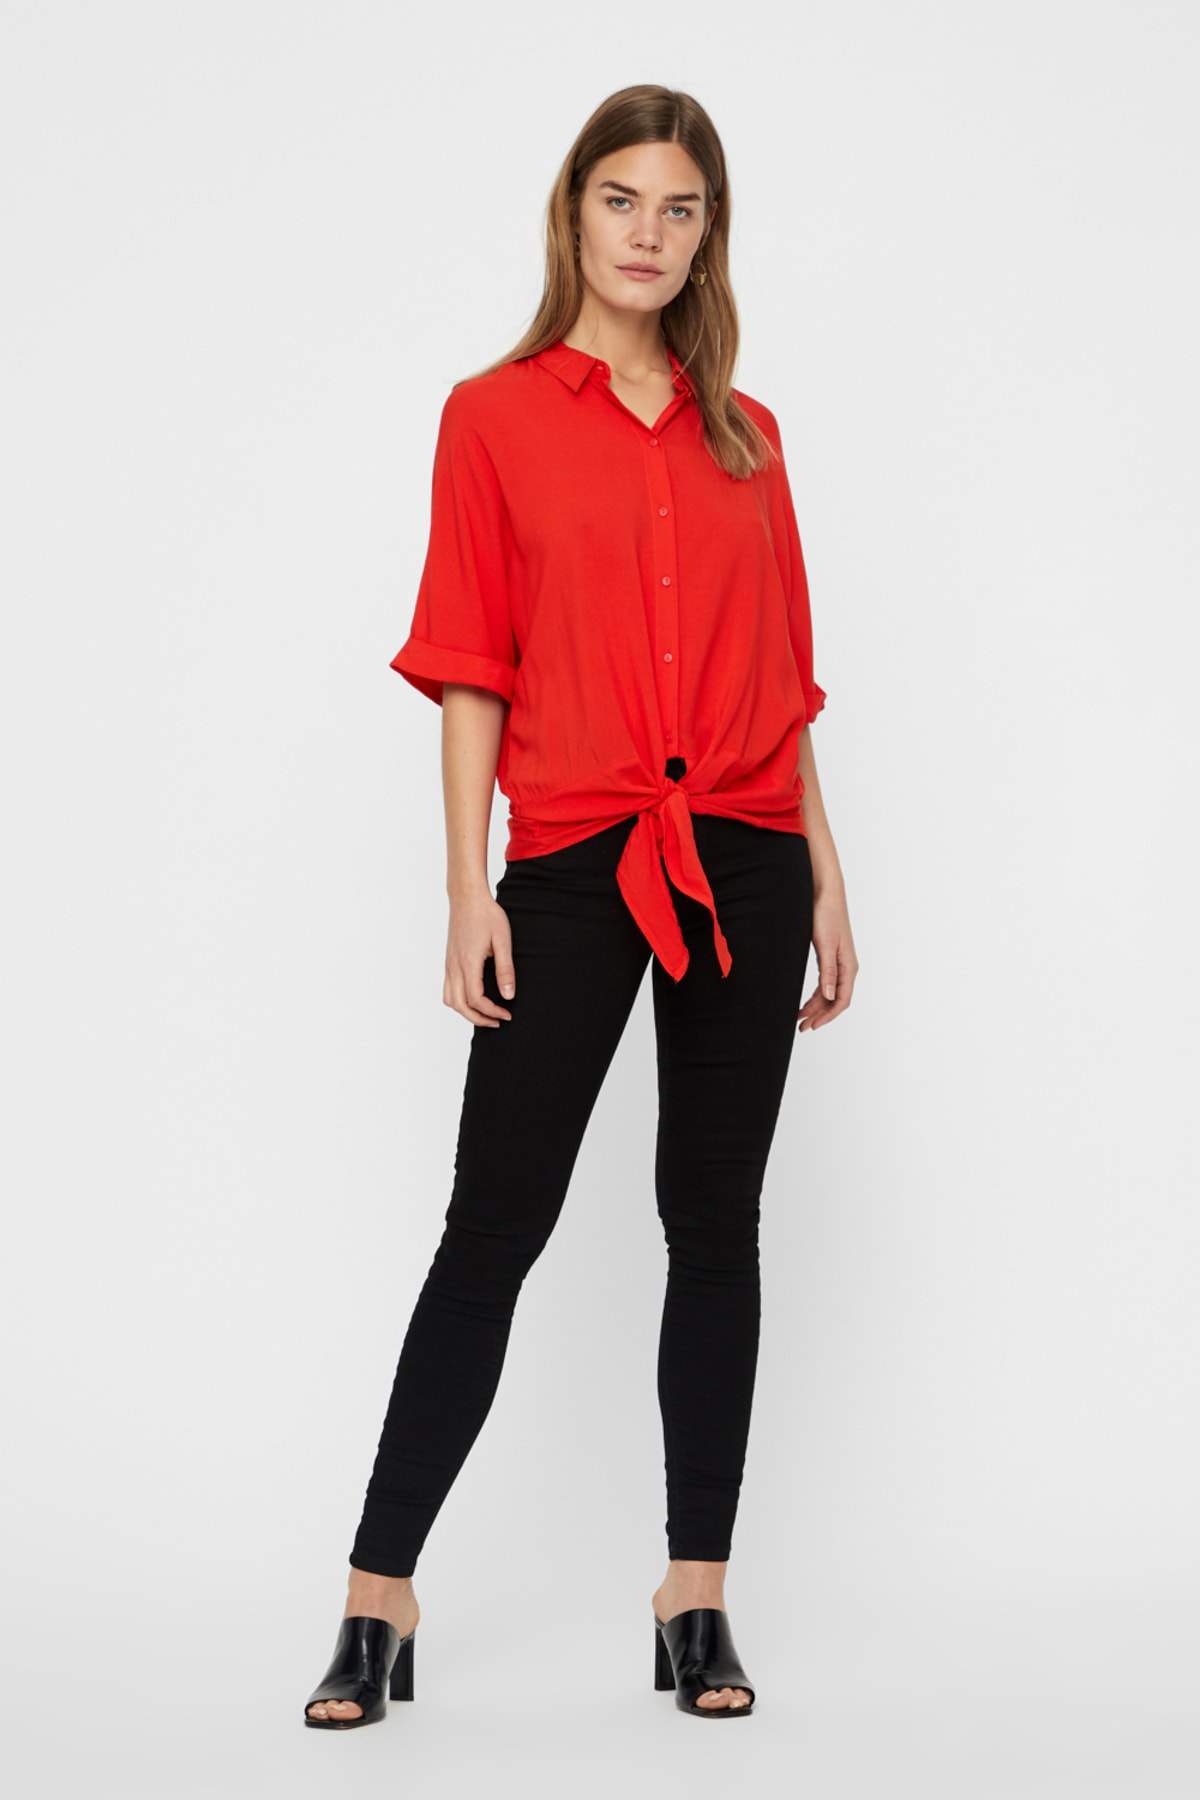 Vero Moda Kadın Kırmızı Yarasa Kol Bağlama Detaylı Viskon Gömlek 10214788 VMKHLOE 2